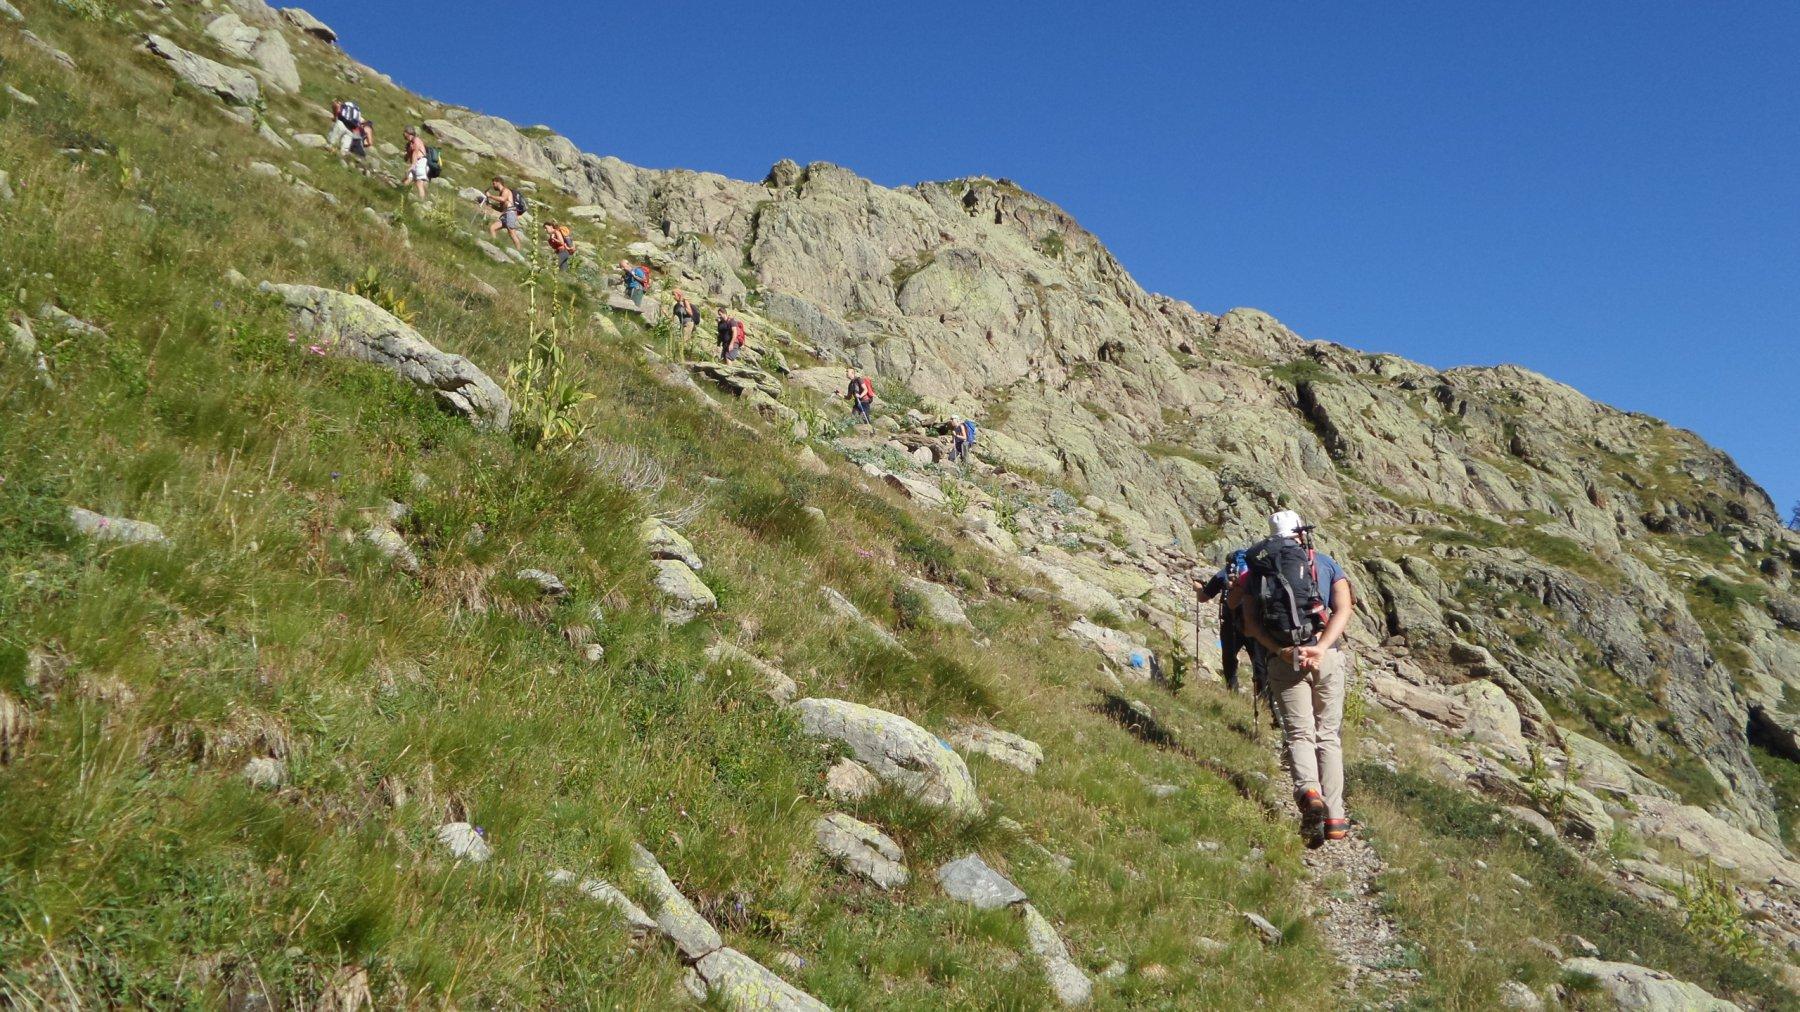 salendo i pendii erbosi sopra la Bassa di Schiantalà (2-8-2015)